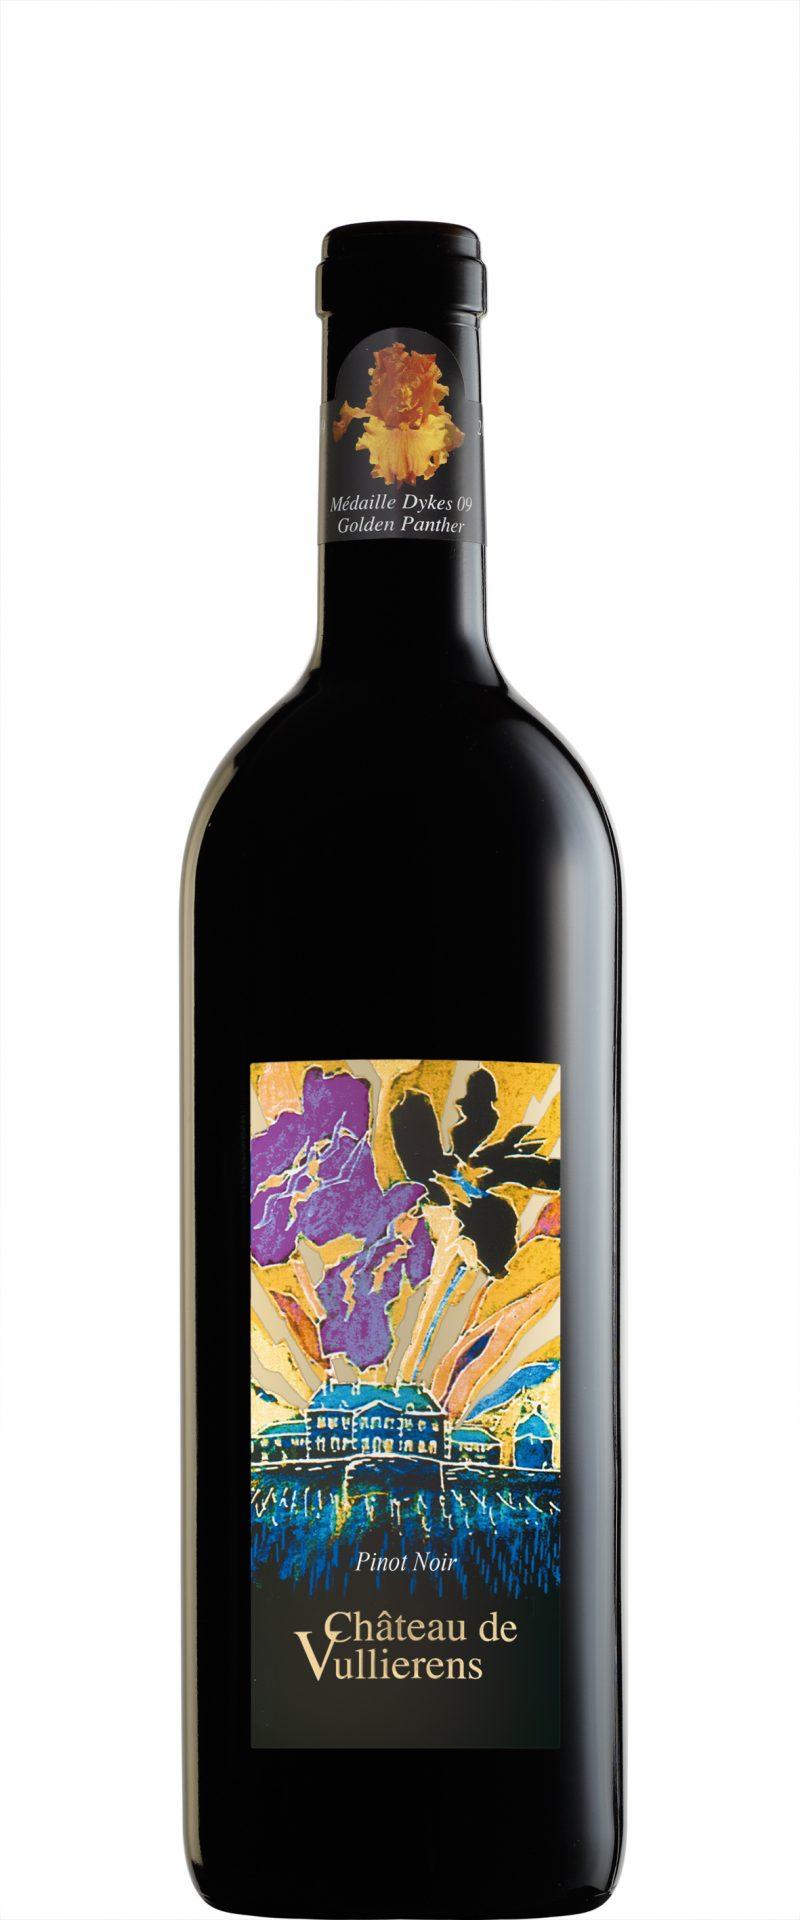 vin pinot noir wht - Le domaine